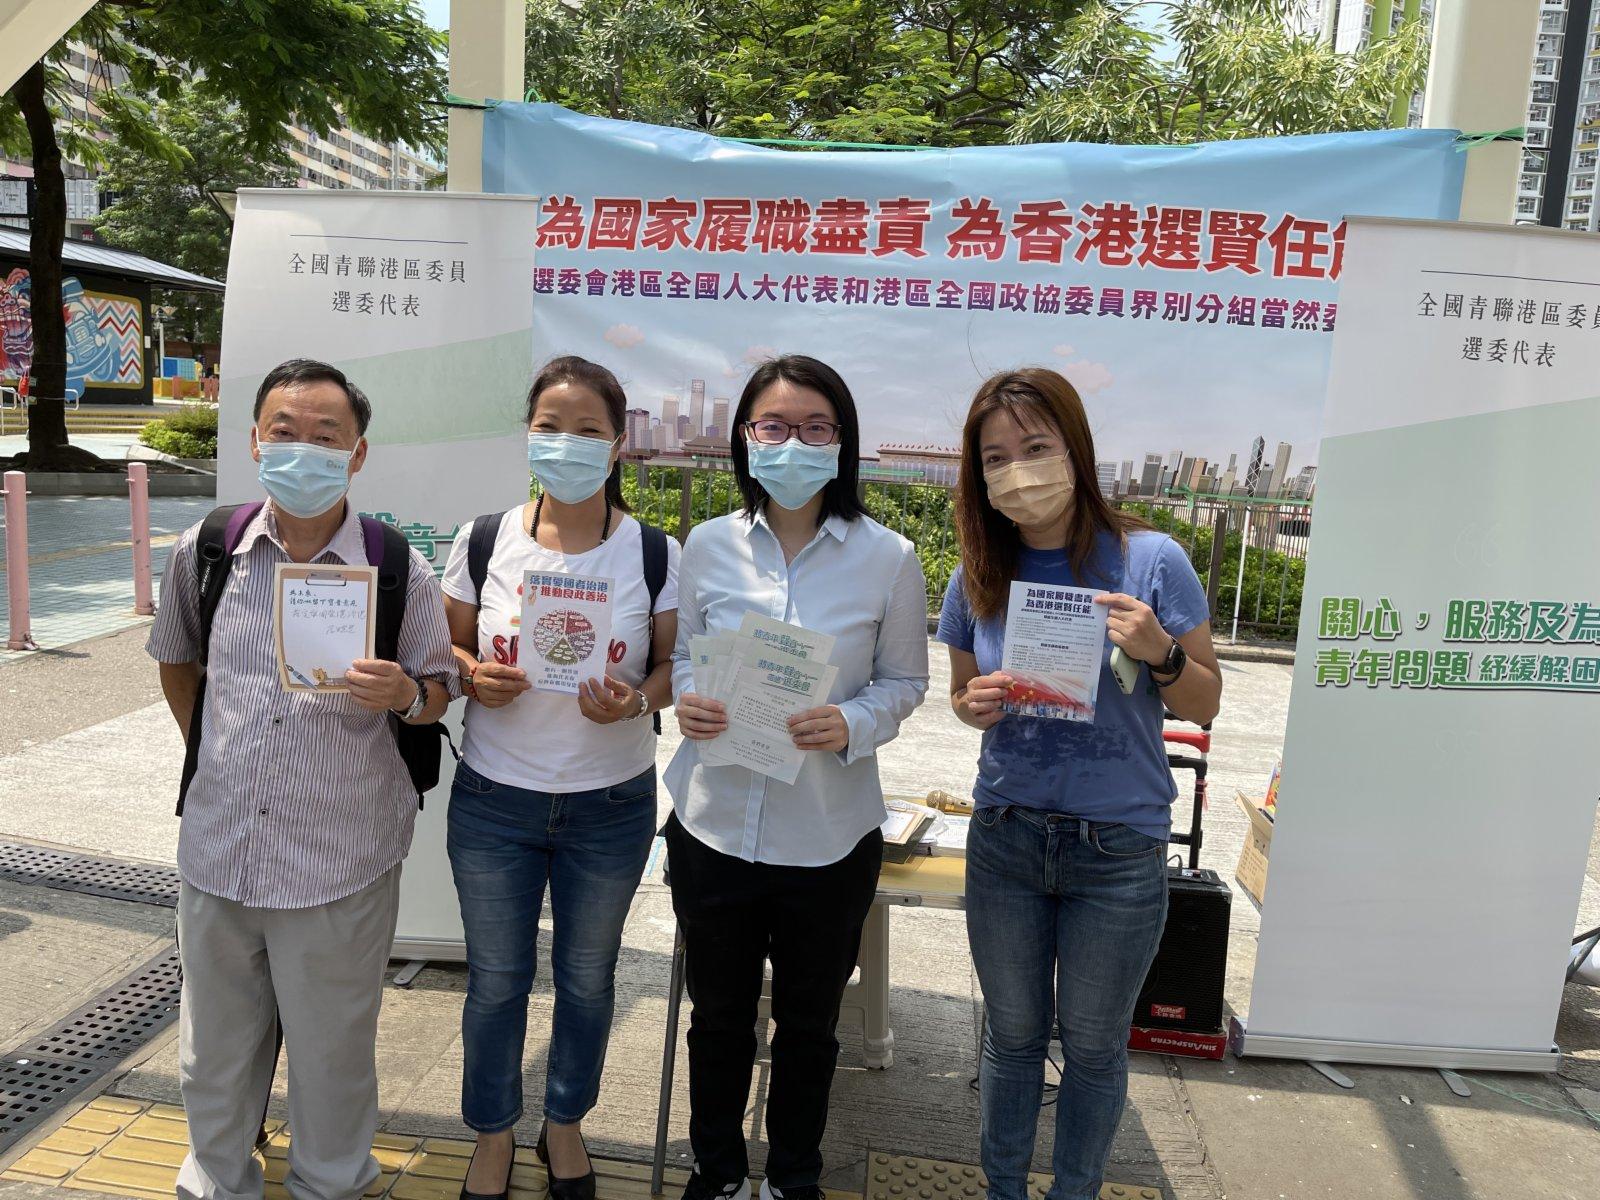 全國青聯選委謝曉虹分發傳單,聽取市民意見。